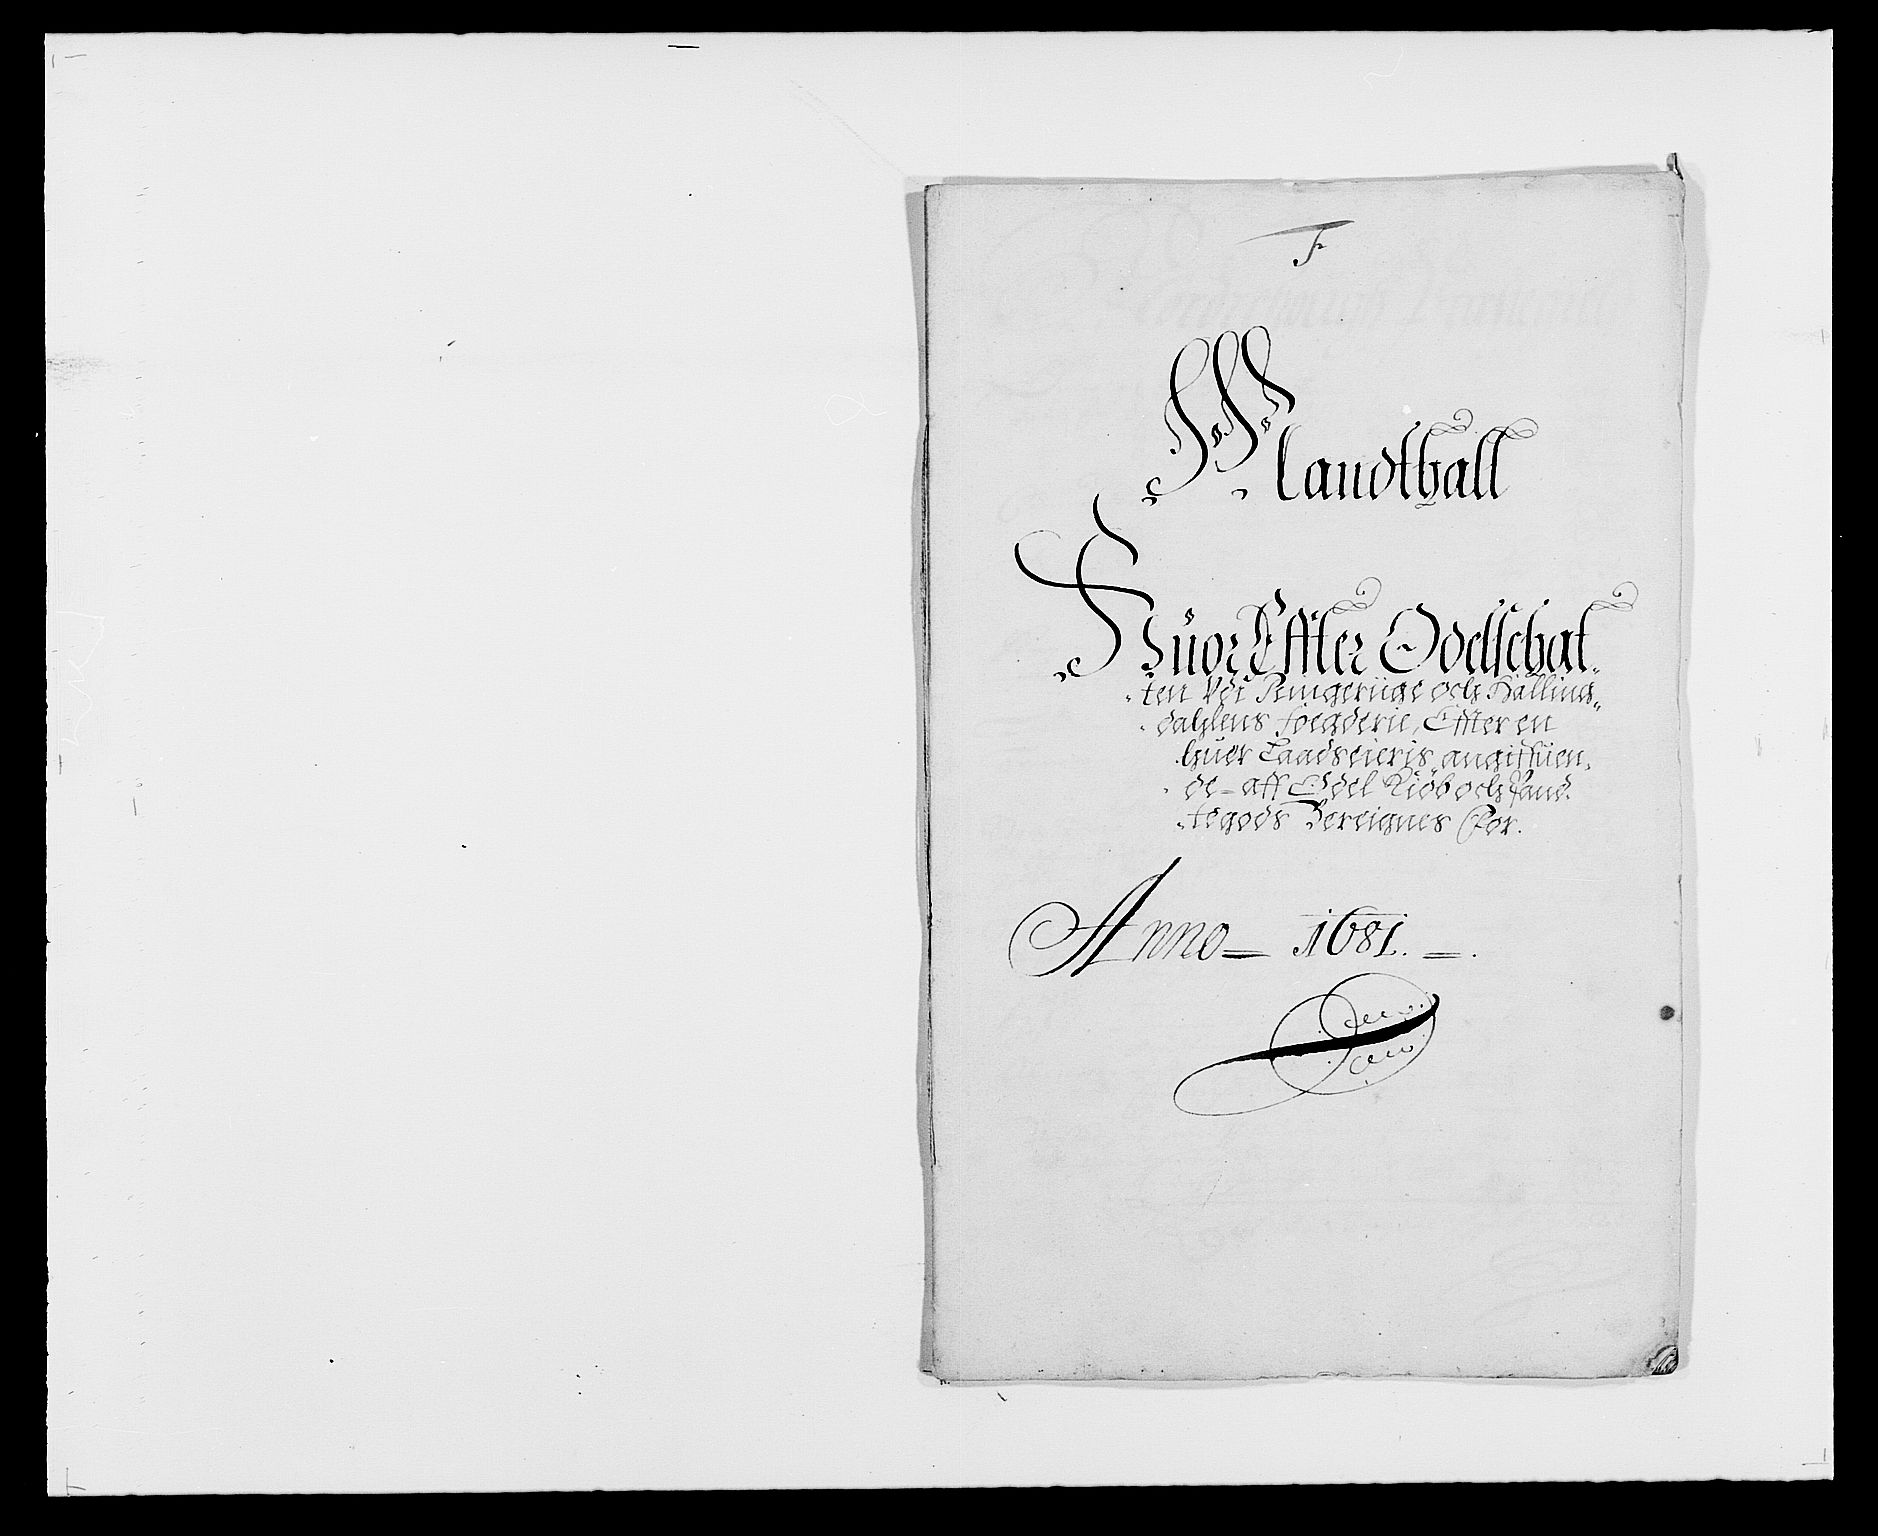 RA, Rentekammeret inntil 1814, Reviderte regnskaper, Fogderegnskap, R21/L1445: Fogderegnskap Ringerike og Hallingdal, 1681-1689, s. 164